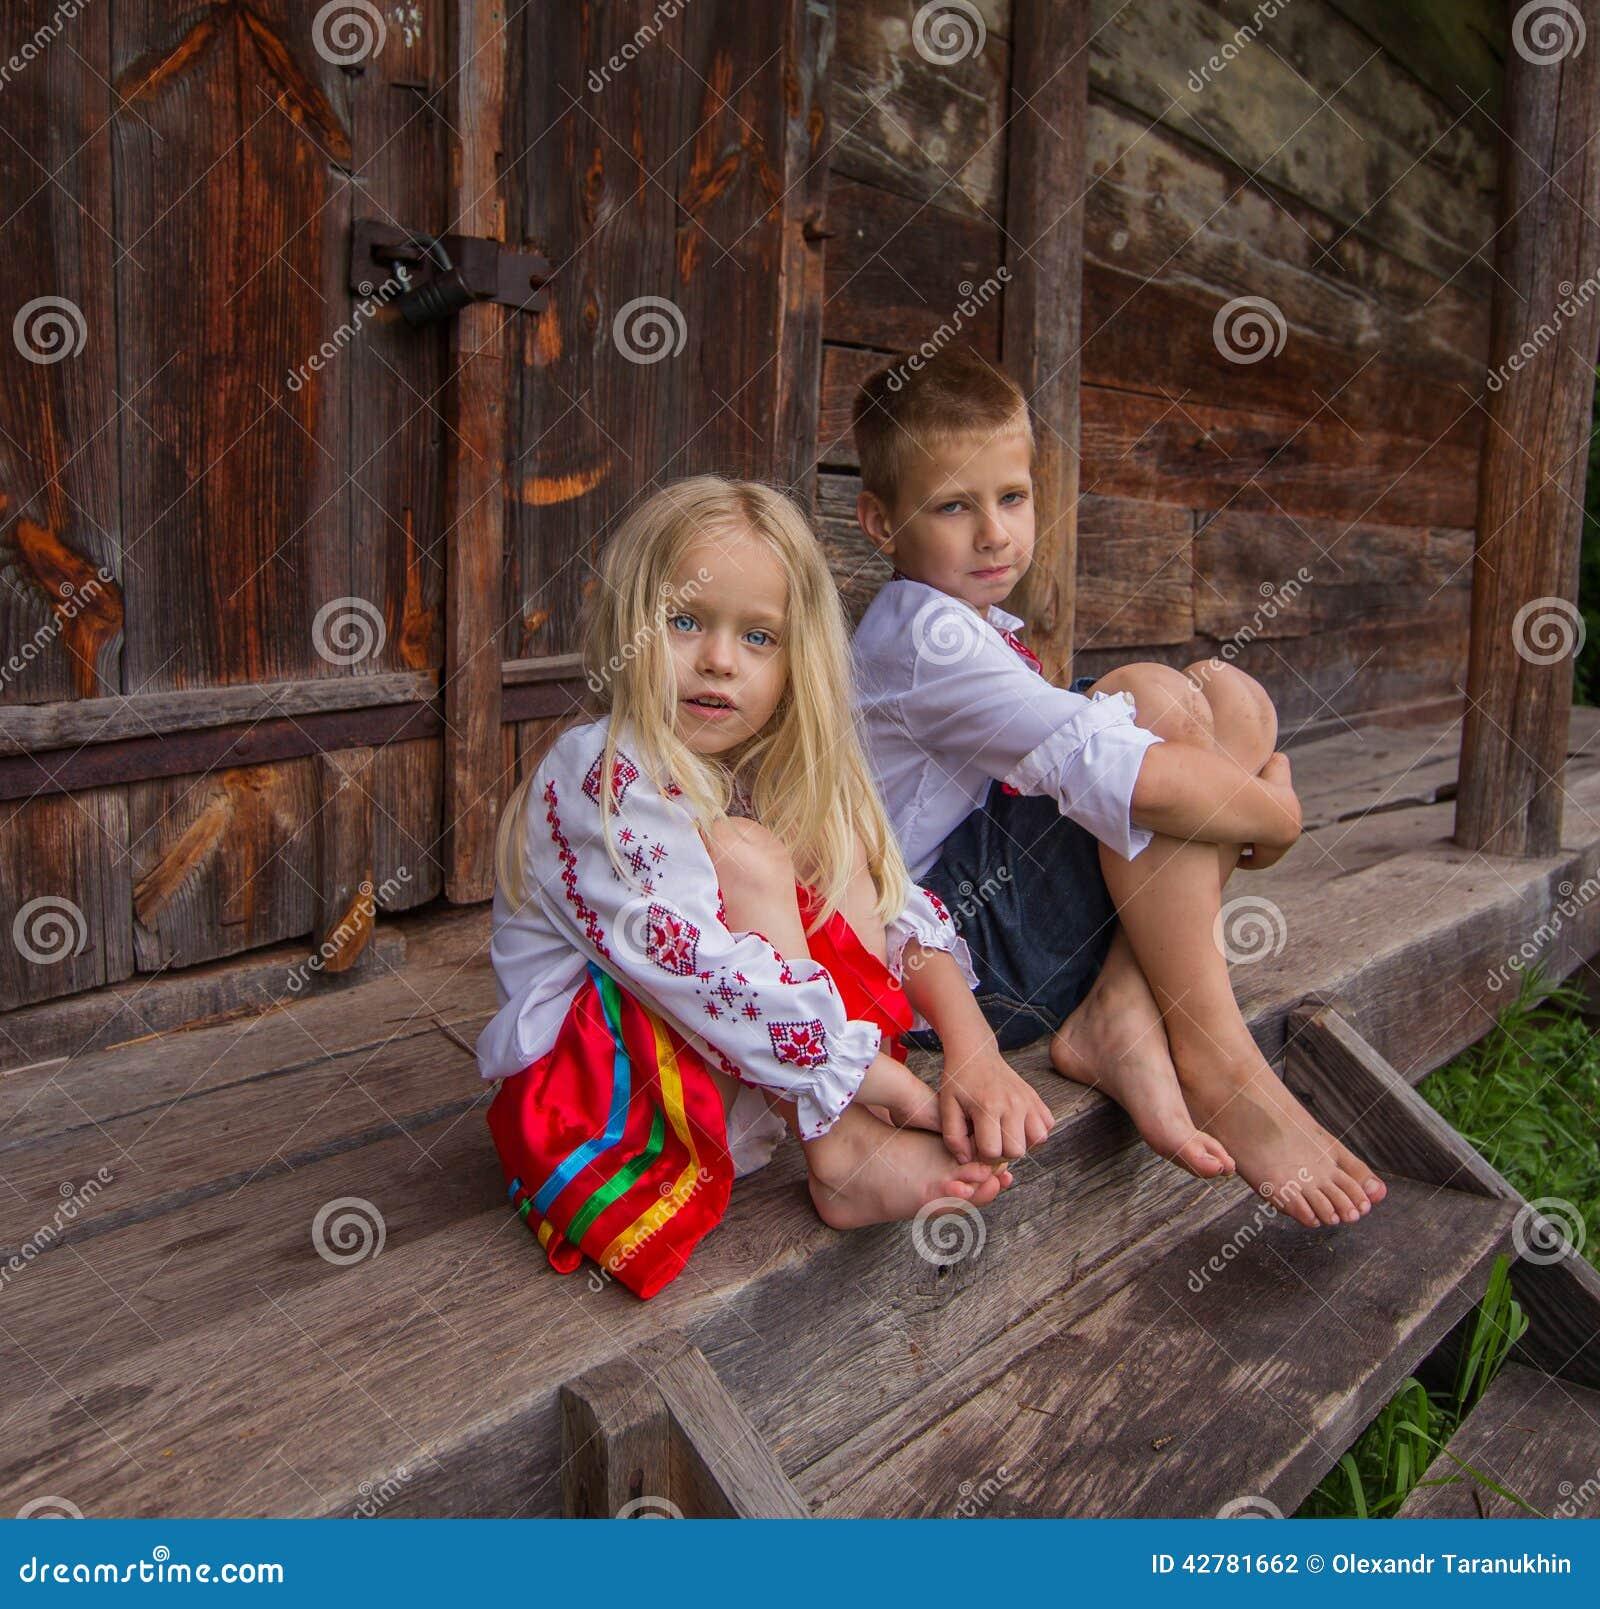 Ukrainian Children Near Old Wooden House Stock Photo